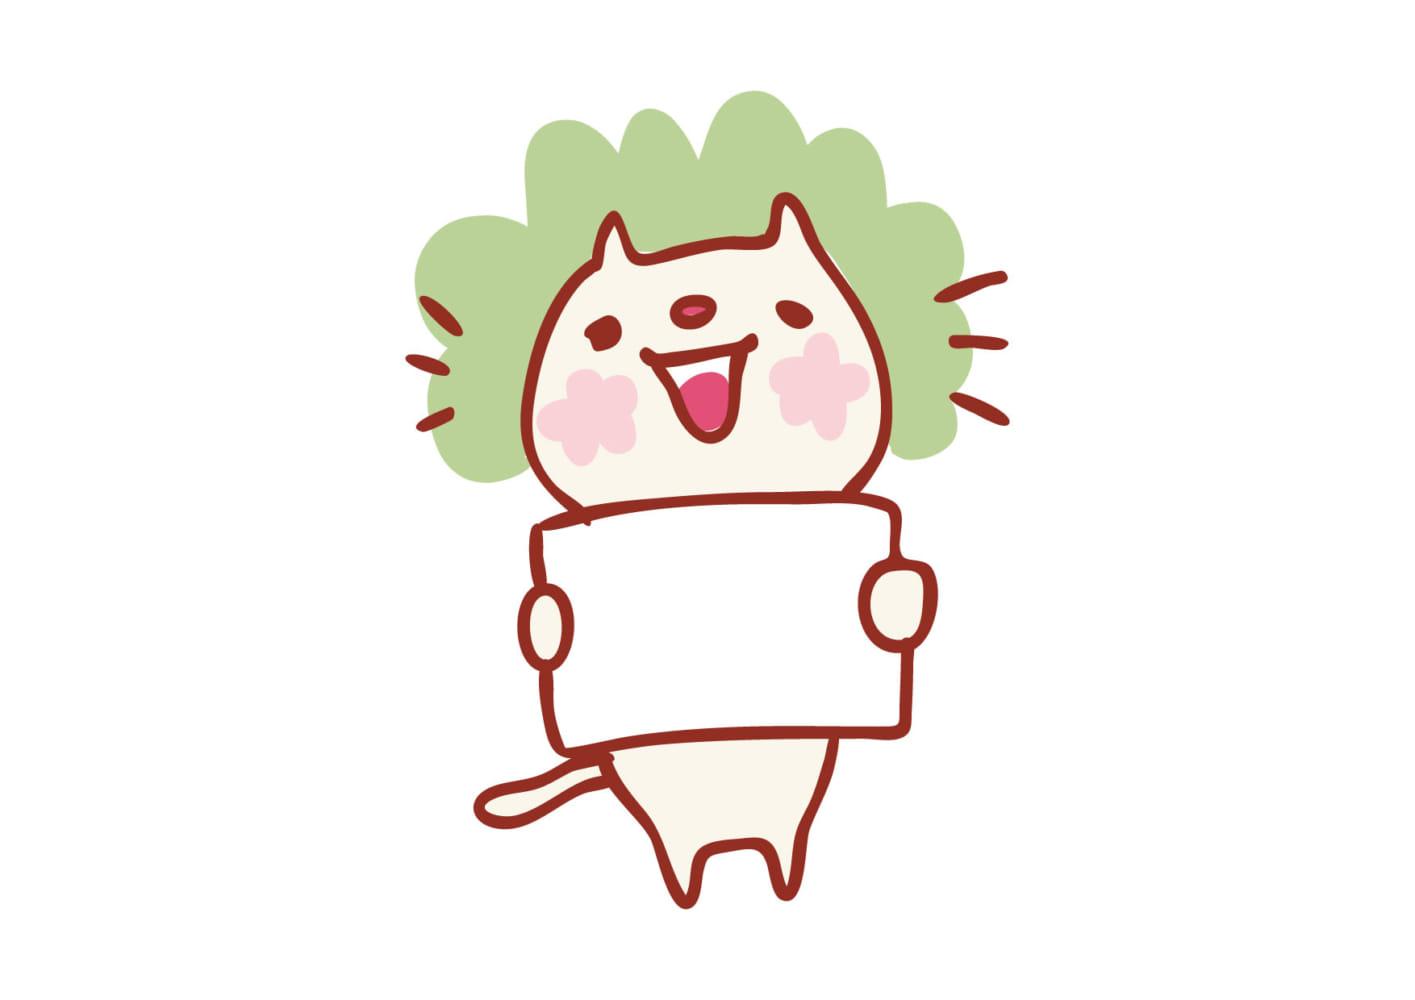 アリス ウサギウサギ 背景 感情 猫の手 素材 Wwwthetupiancom